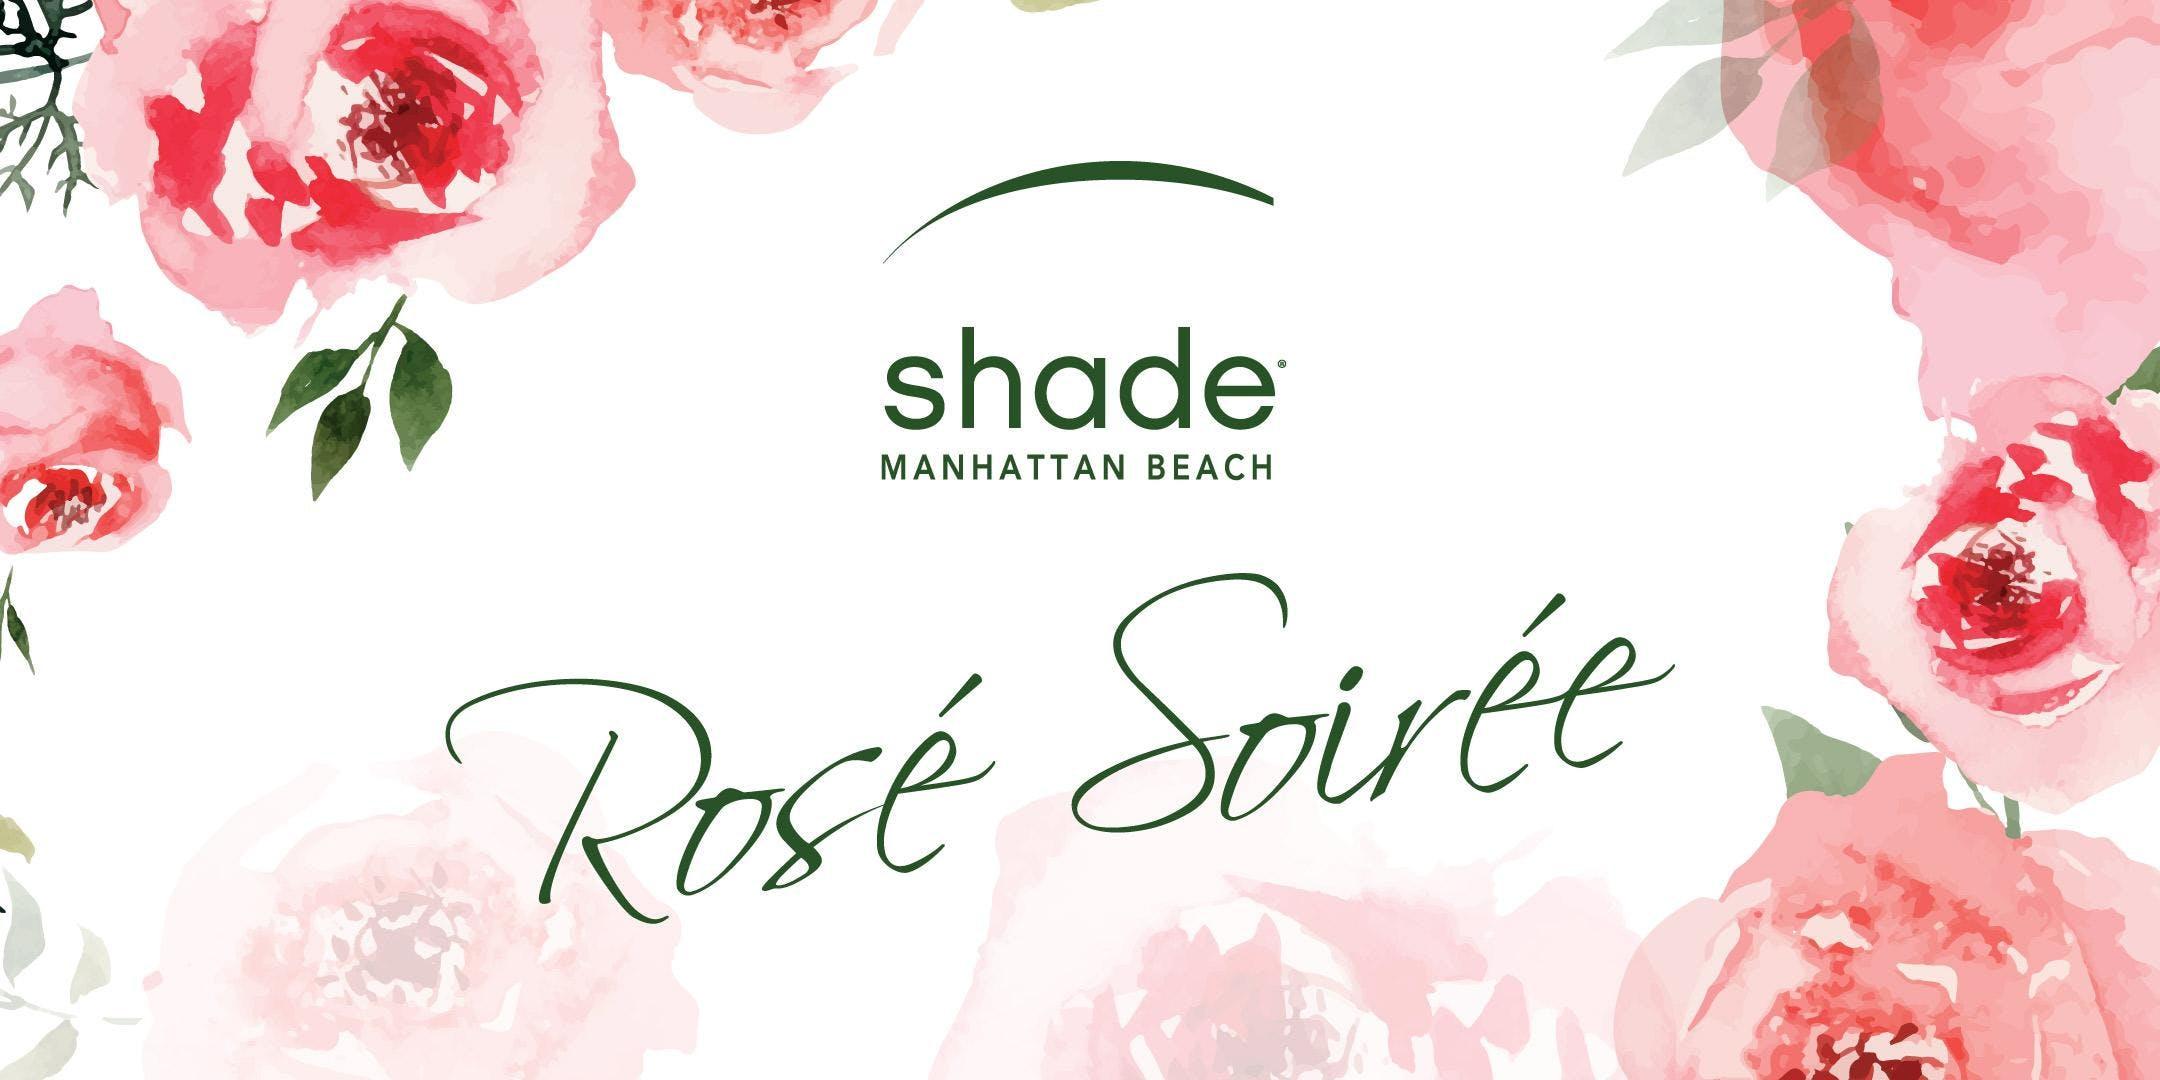 Shade Hotel Manhattan Beach Rosé Soirée